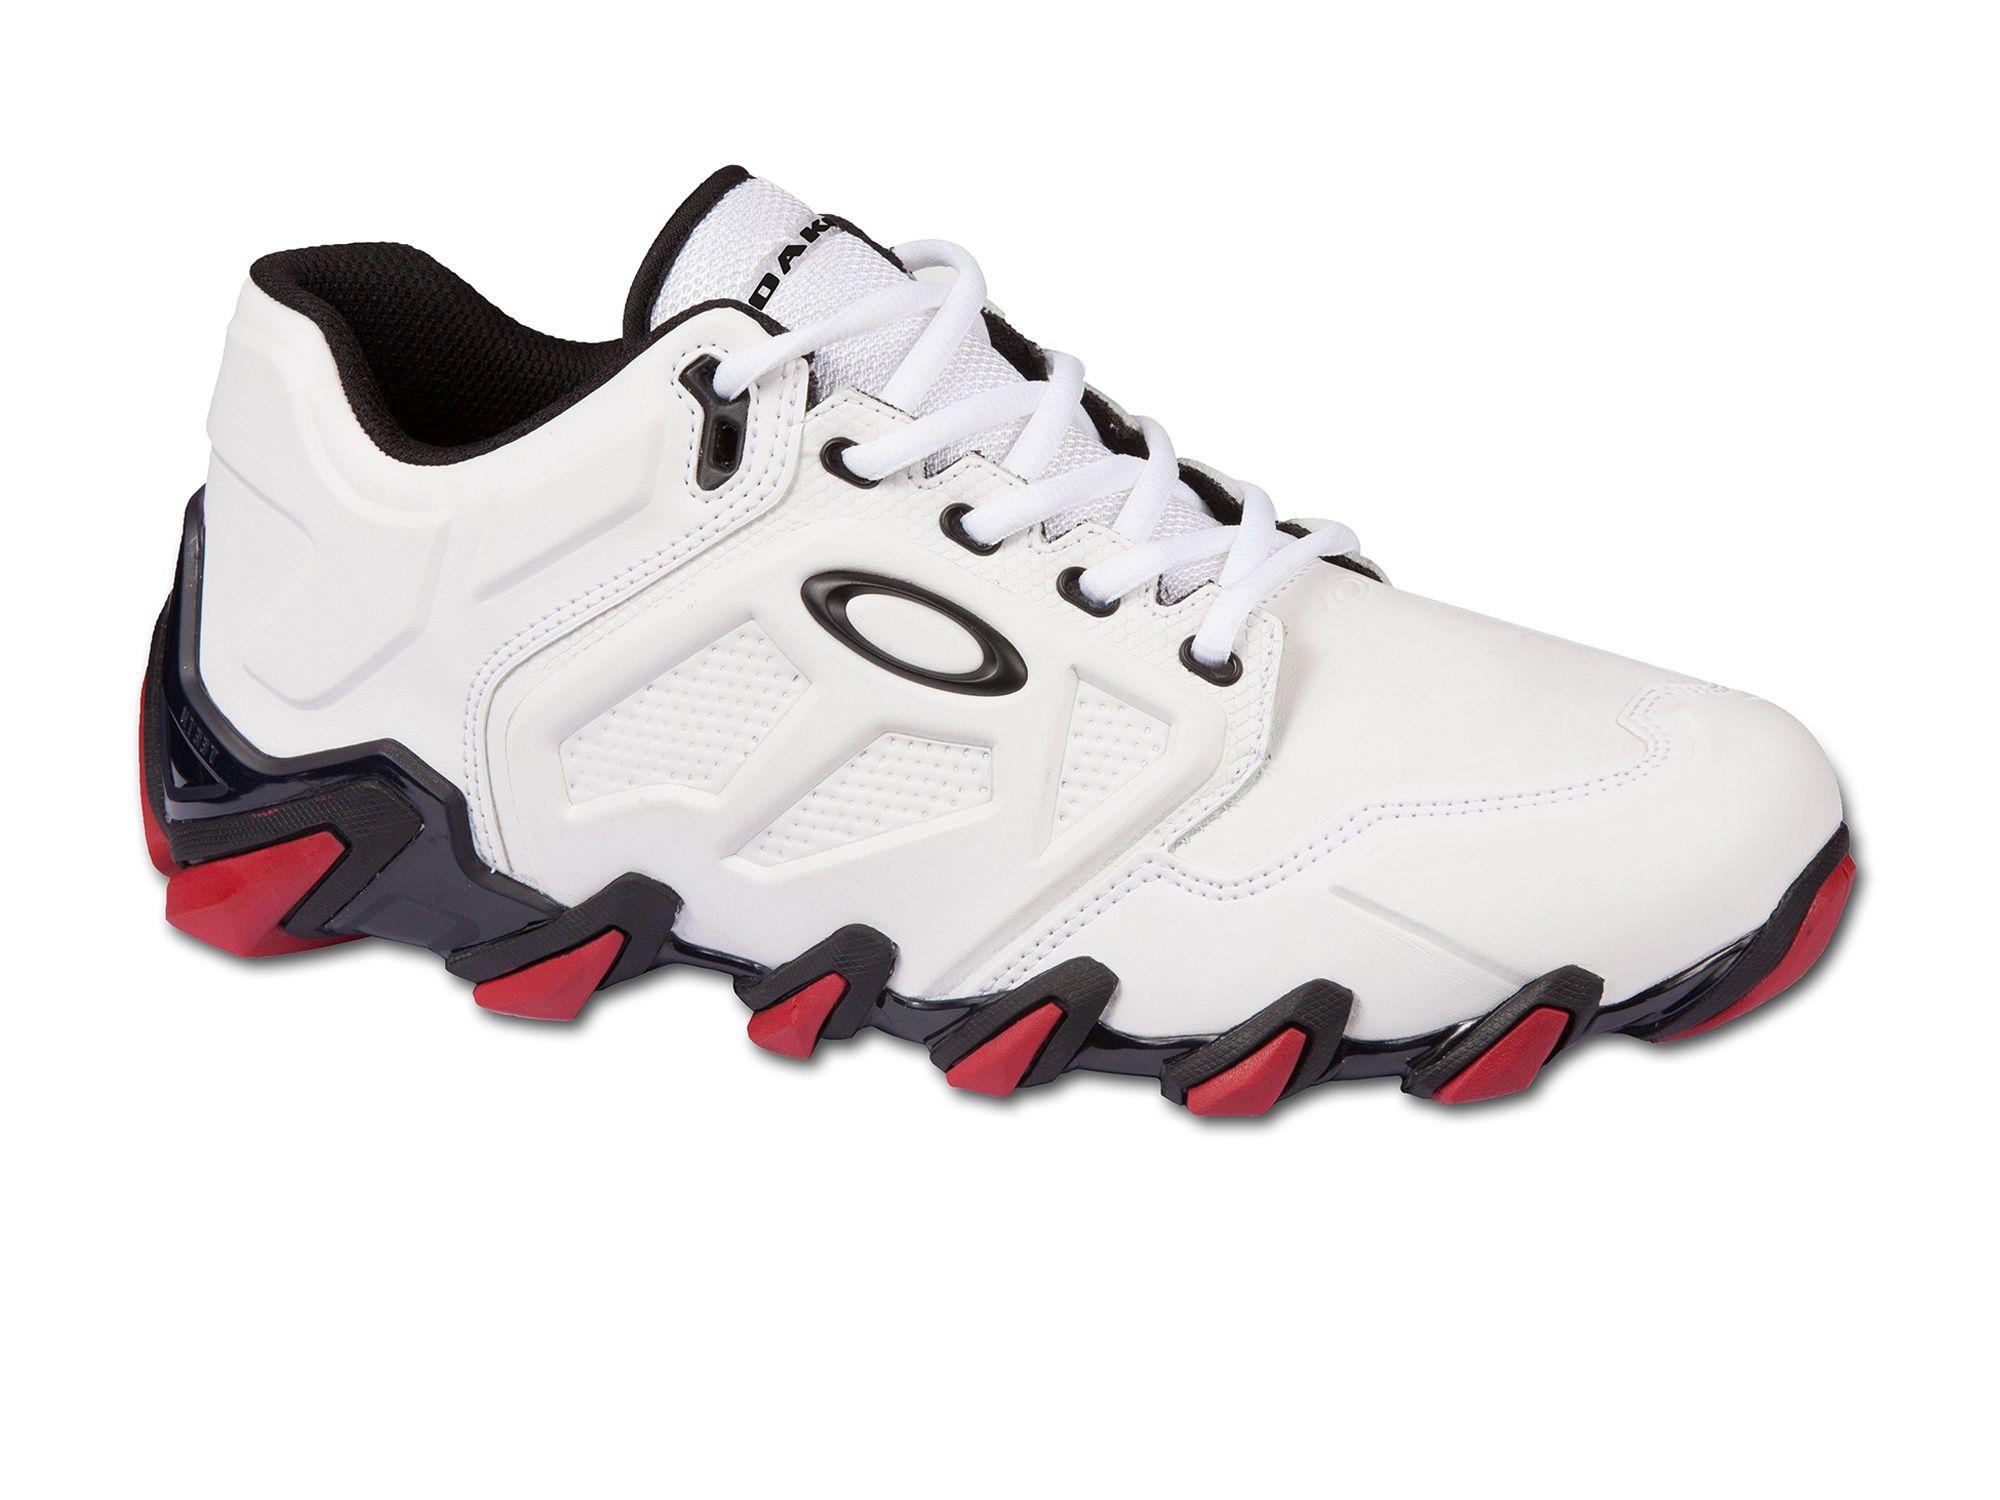 Resultado de imagem para bota da oakley feminina  4871b427082e9